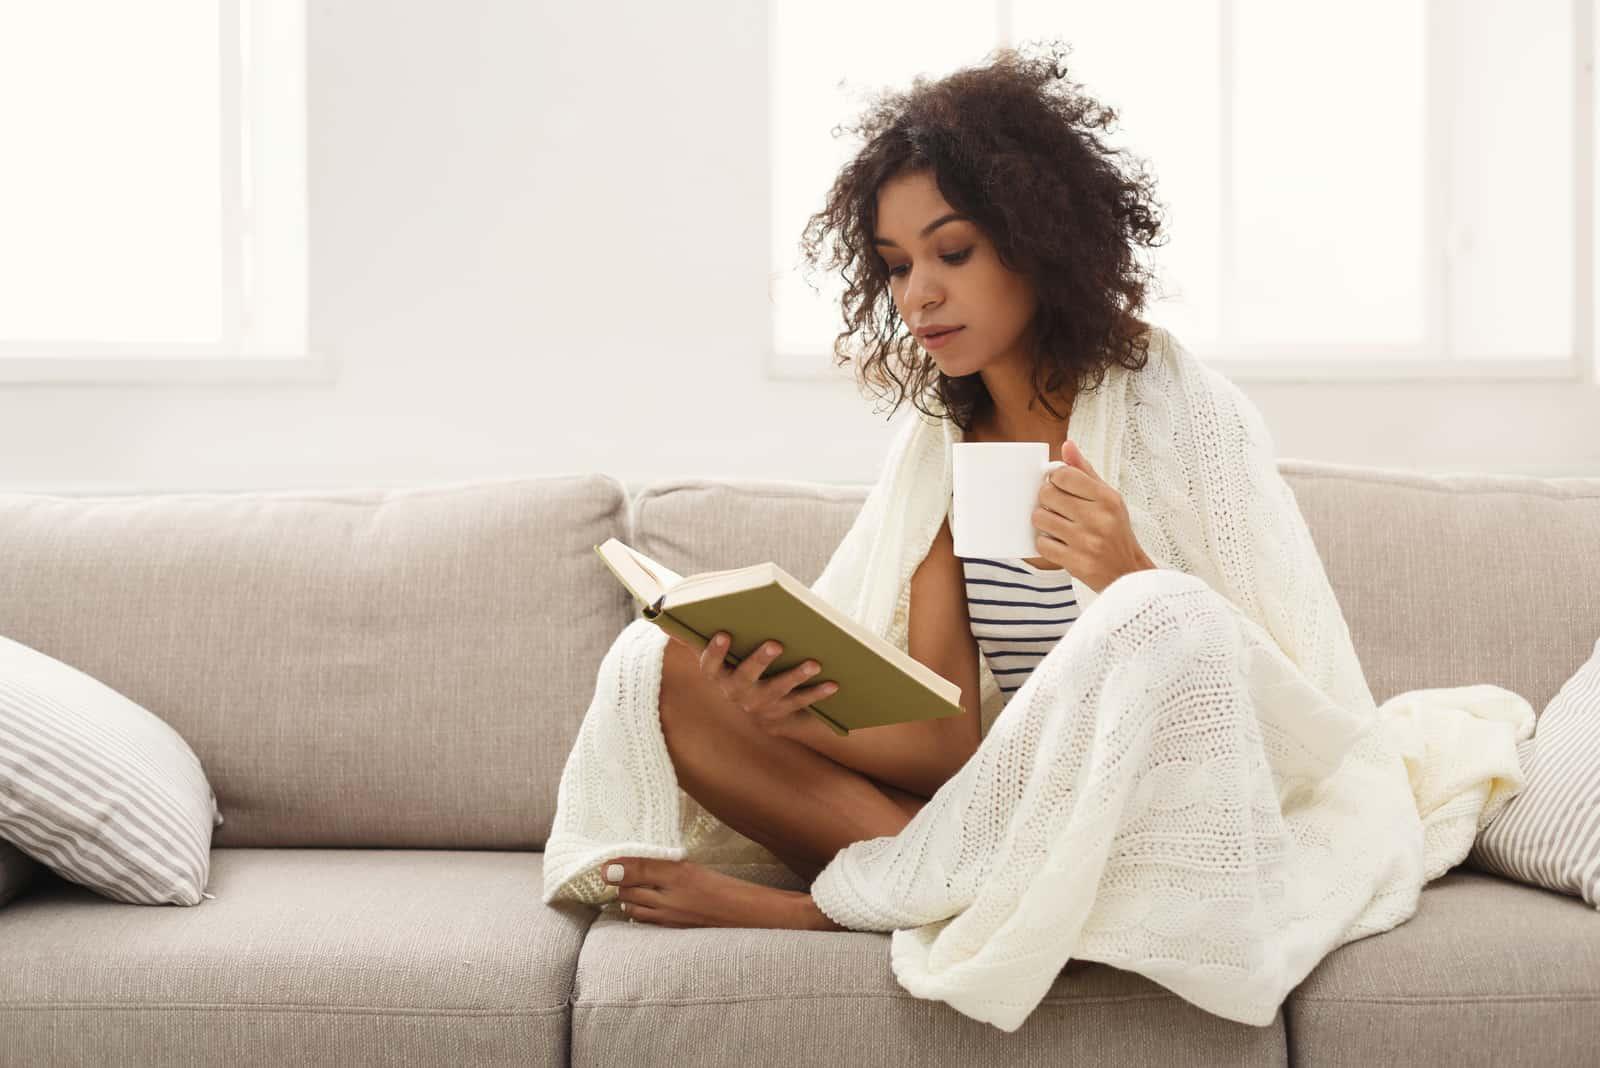 une femme aux cheveux crépus est assise sur le canapé en train de boire du café et de lire